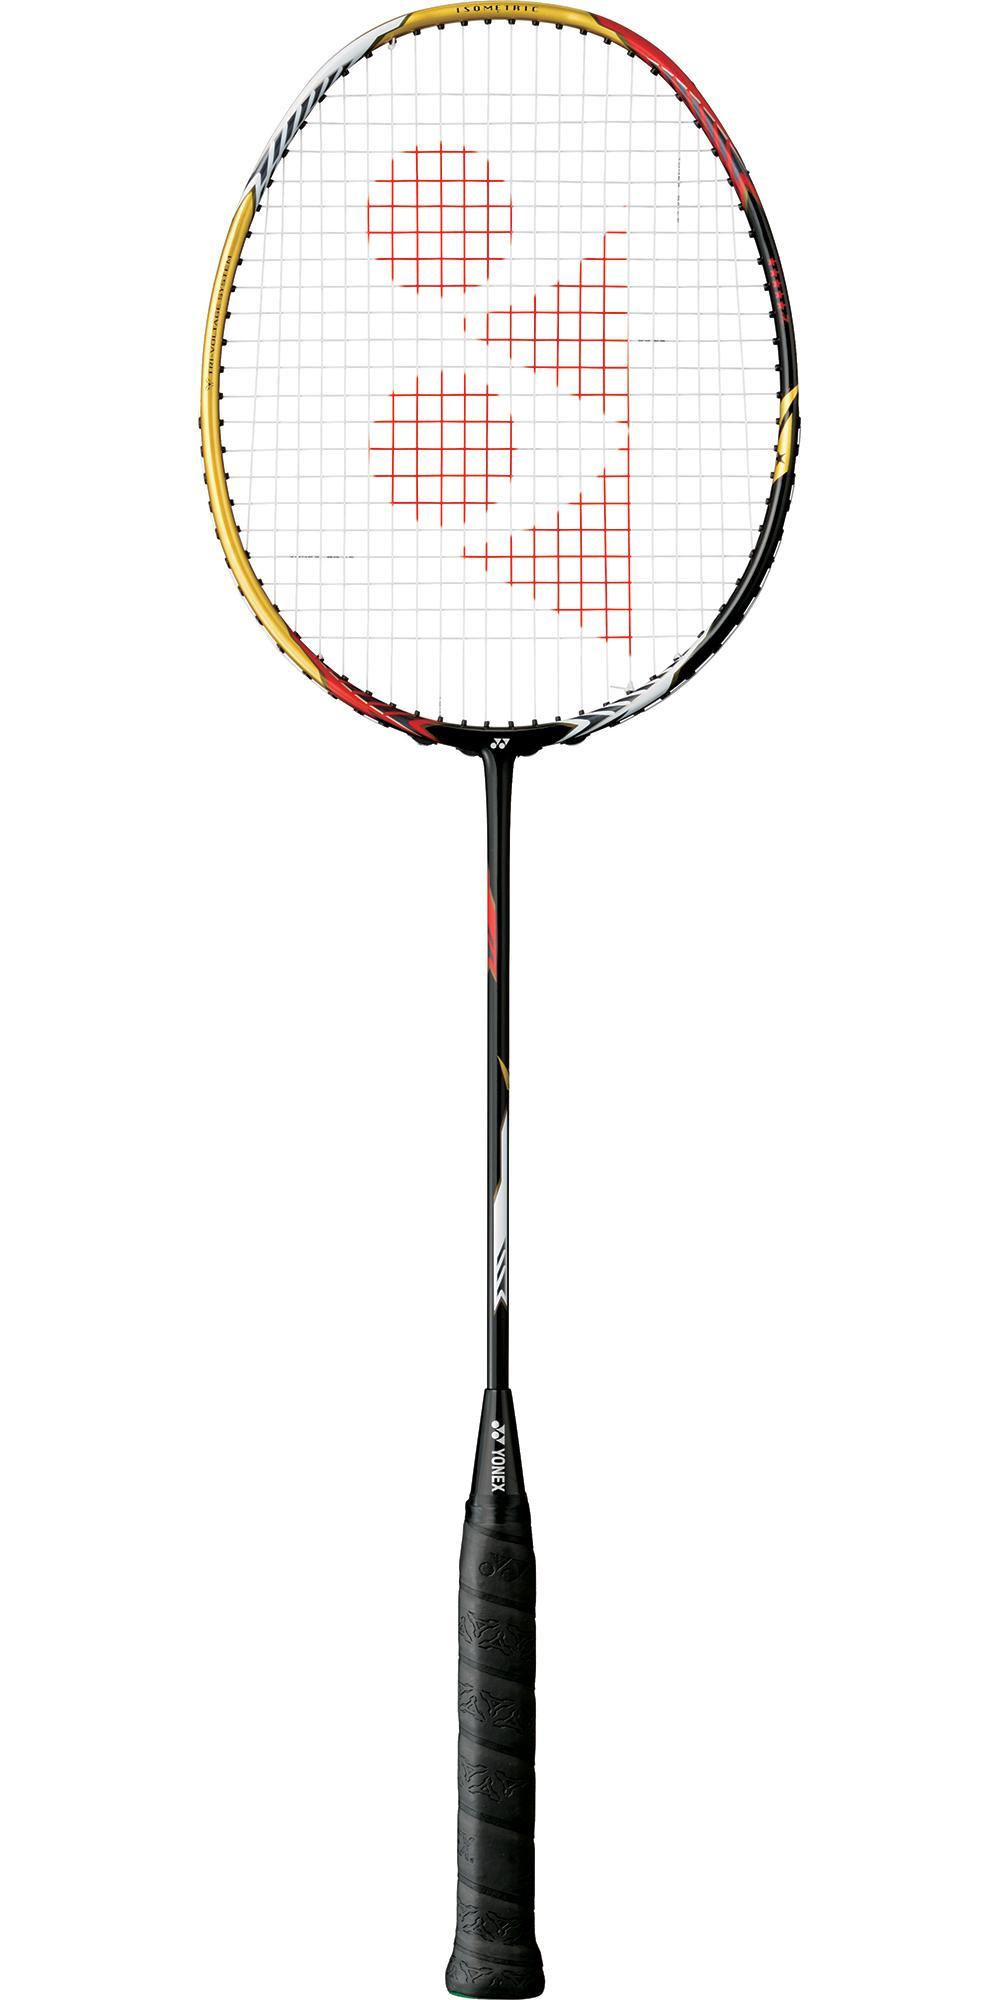 Yonex Voltric Lin Dan 9 Badminton Racket (2016) - Tennisnuts.com